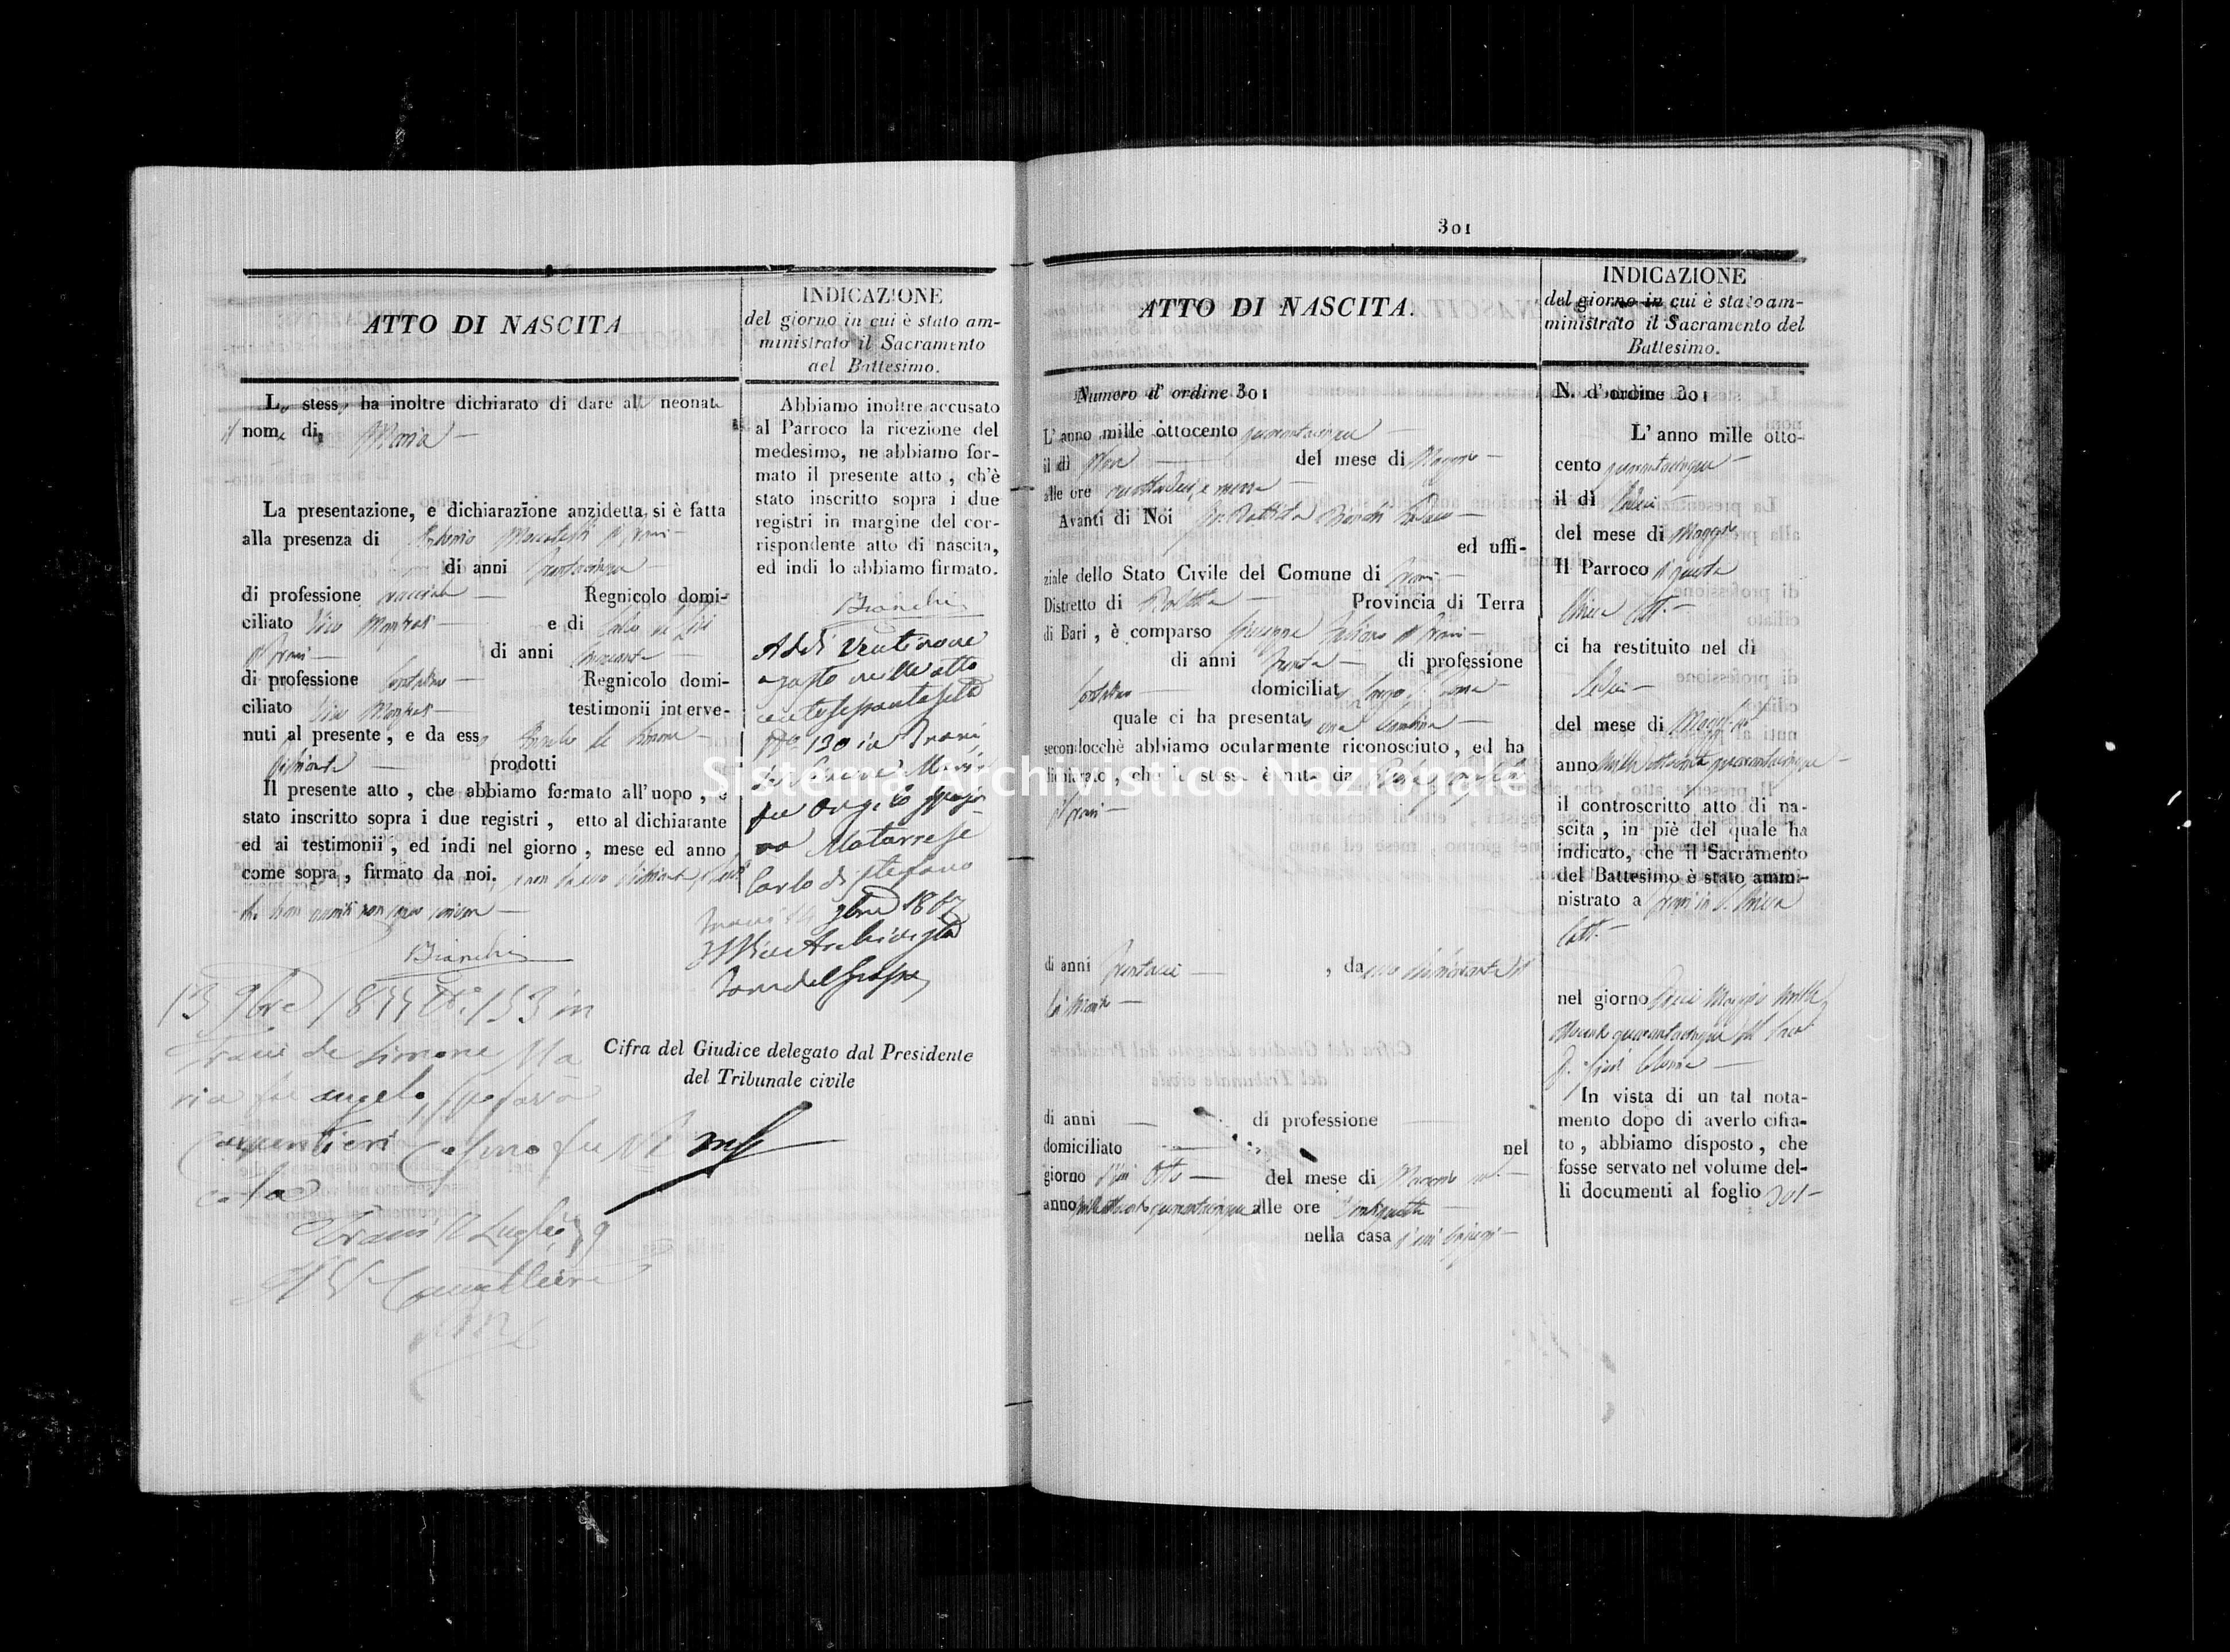 Archivio di stato di Bari - Stato civile della restaurazione - Trani - Nati - 1845 - Parte 1 -